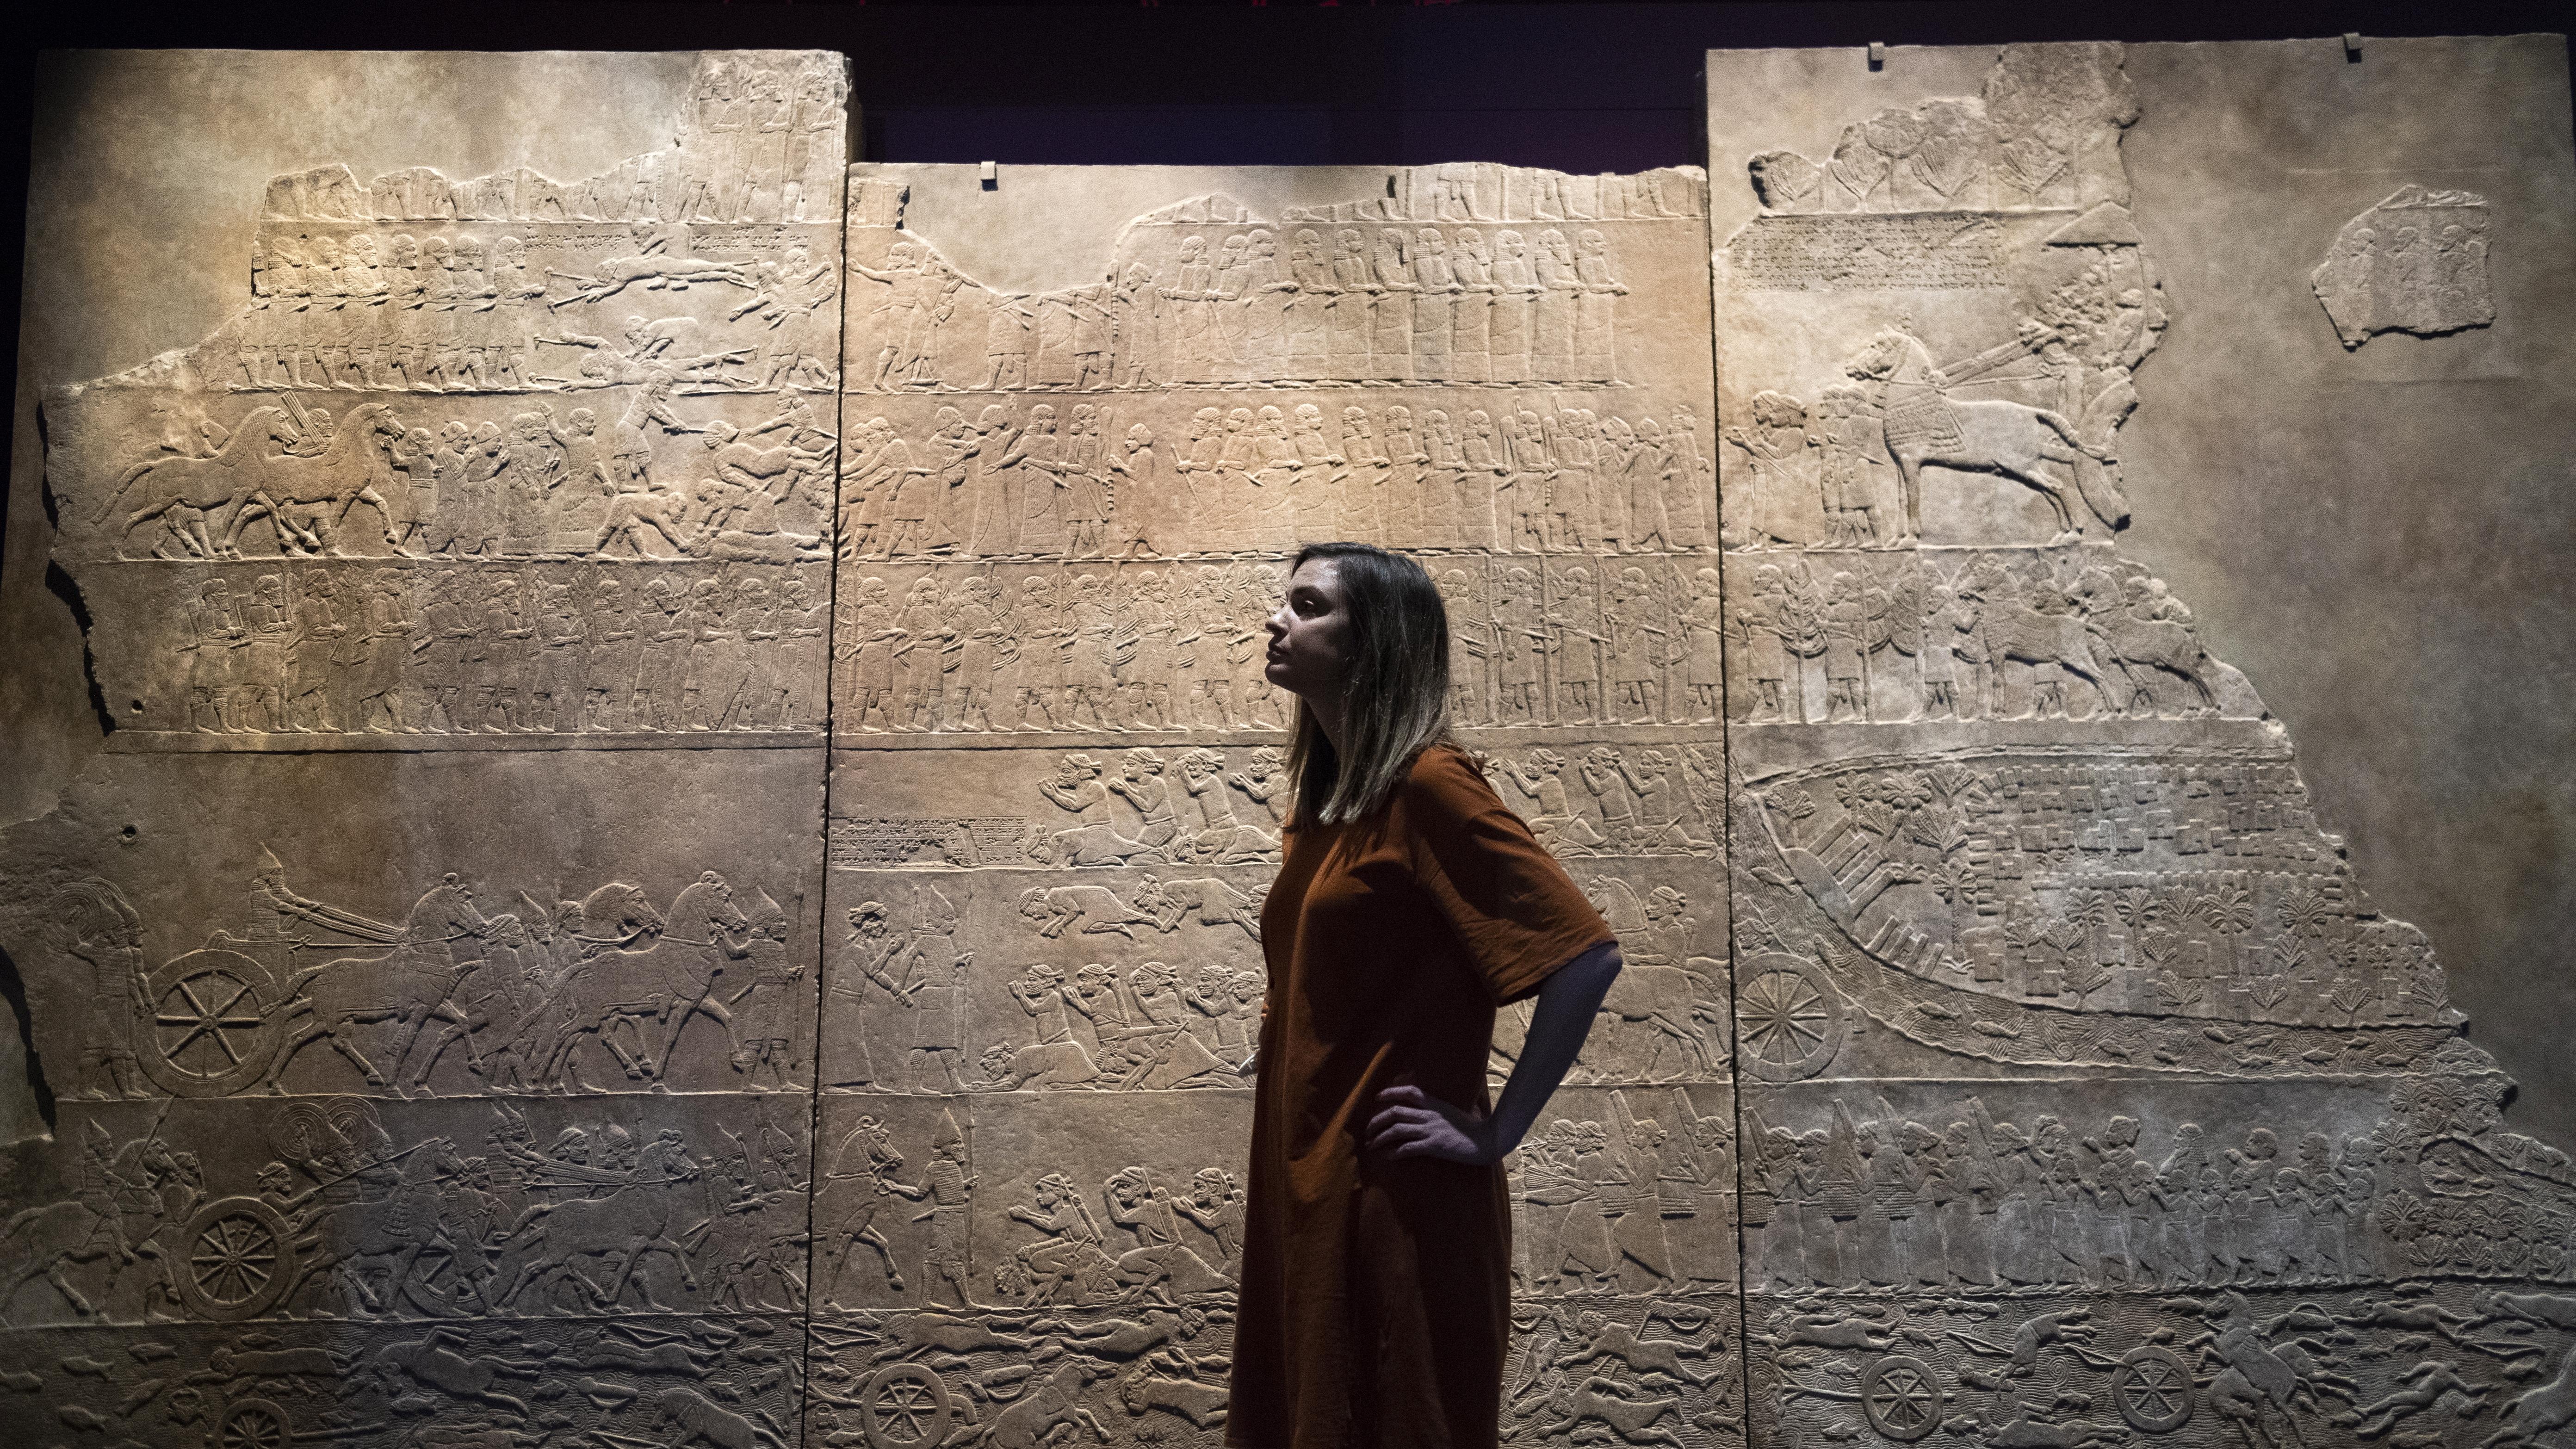 Управлението му е от 668 г. до 627 г. пр.н.е. и както на повечето асирийски владетели, е белязано с непрекъснати войни.